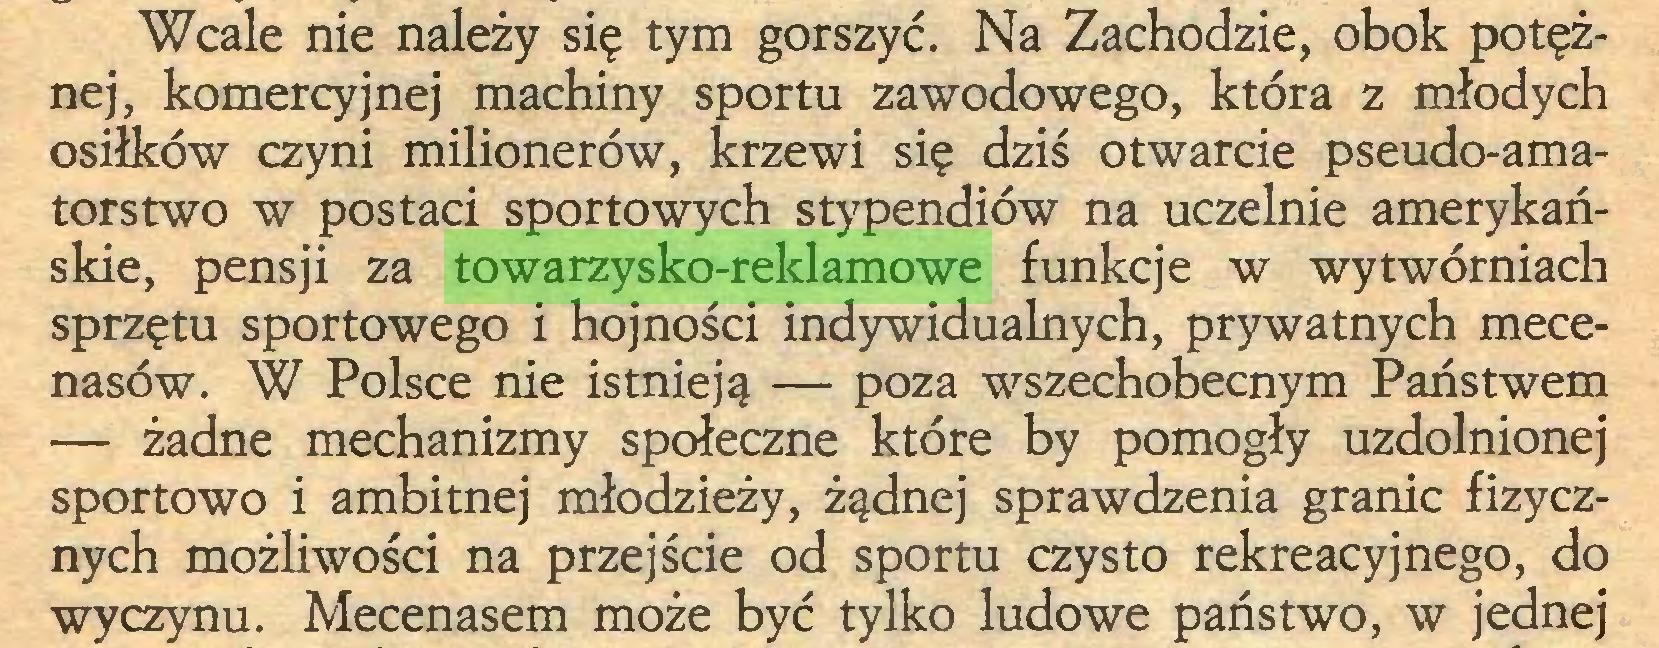 (...) Wcale nie należy się tym gorszyć. Na Zachodzie, obok potężnej, komercyjnej machiny sportu zawodowego, która z młodych osiłków czyni milionerów, krzewi się dziś otwarcie pseudo-amatorstwo w postaci sportowych stypendiów na uczelnie amerykańskie, pensji za towarzysko-reklamowe funkcje w wytwórniach sprzętu sportowego i hojności indywidualnych, prywatnych mecenasów. W Polsce nie istnieją — poza wszechobecnym Państwem — żadne mechanizmy społeczne które by pomogły uzdolnionej sportowo i ambitnej młodzieży, żądnej sprawdzenia granic fizycznych możliwości na przejście od sportu czysto rekreacyjnego, do wyczynu. Mecenasem może być tylko ludowe państwo, w jednej...